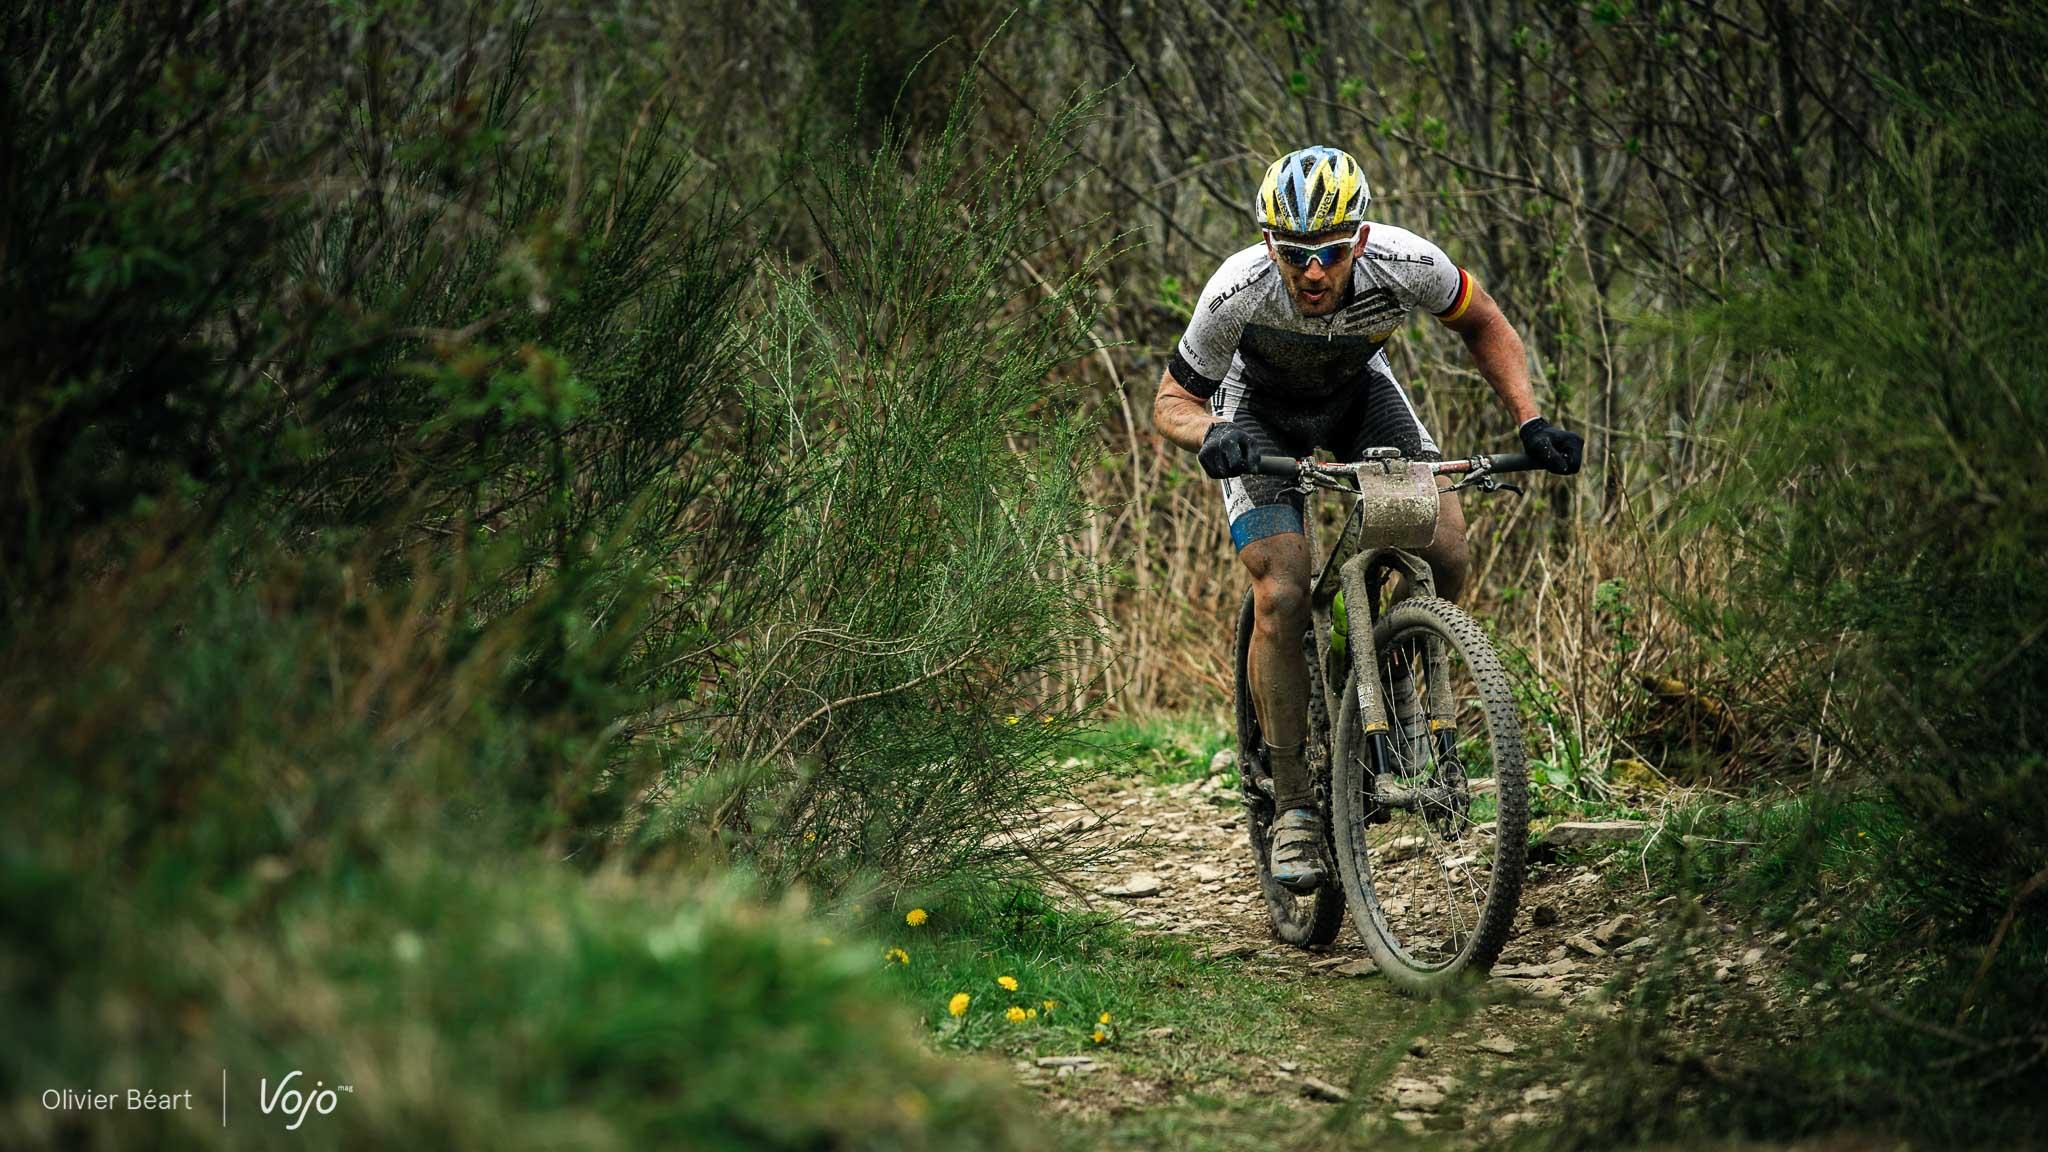 Roc_Ardenne_Marathon_L_Copyright_OBeart_VojoMag-2